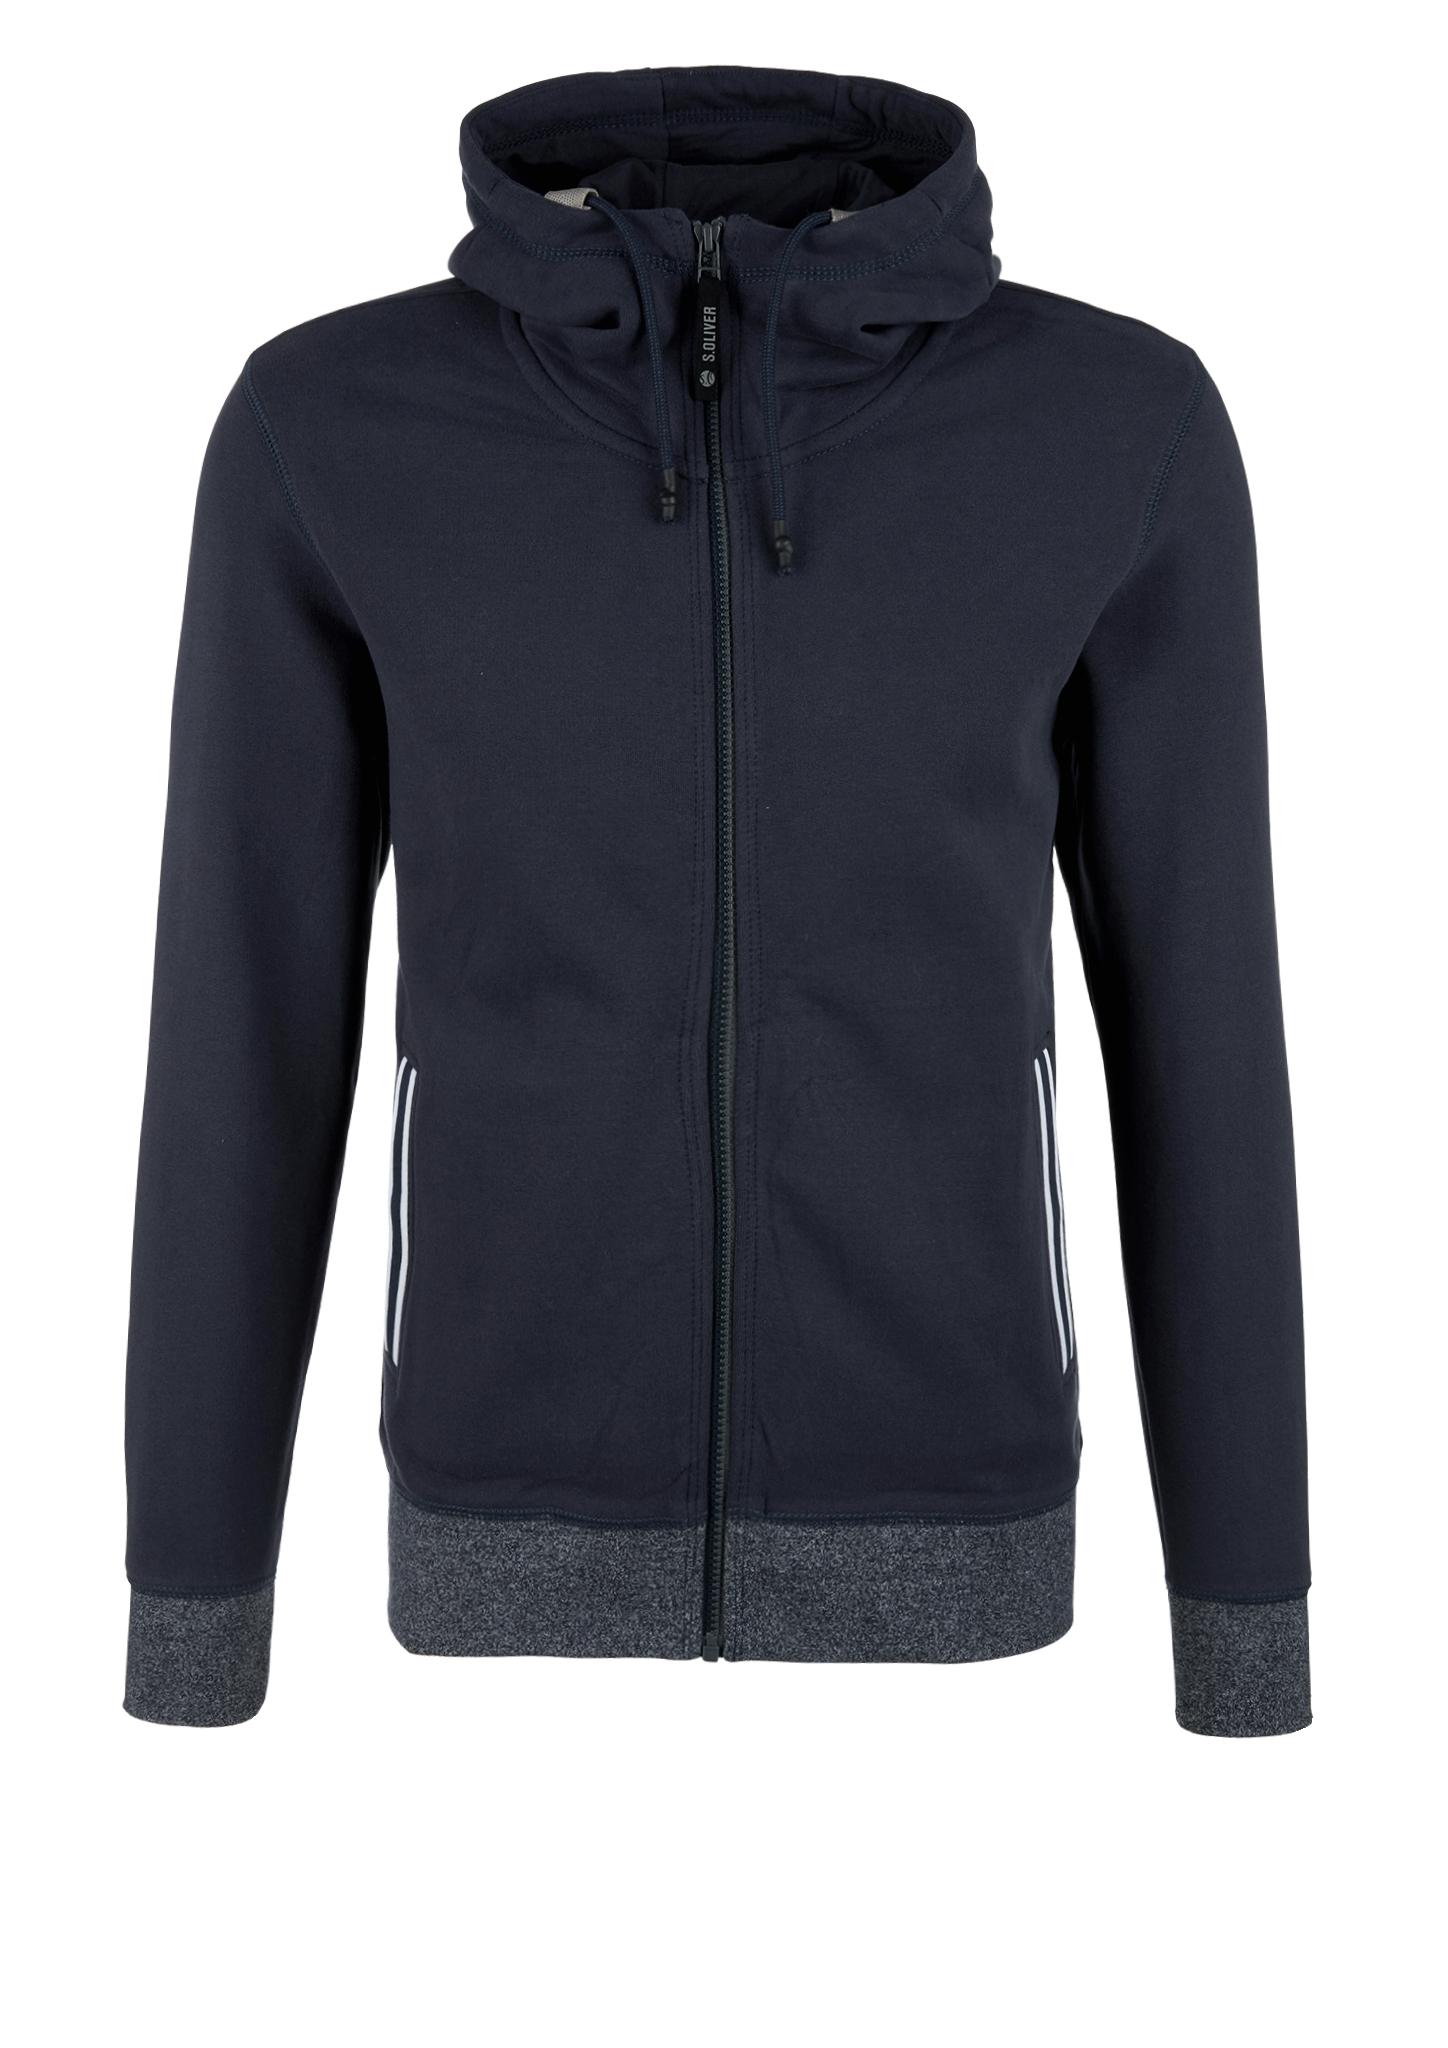 Sweatjacke   Bekleidung > Sweatshirts & -jacken   Blau   Obermaterial 60% baumwolle -  40% polyester  manschette/bund 48% polyester -  47% baumwolle -  5% elasthan   s.Oliver